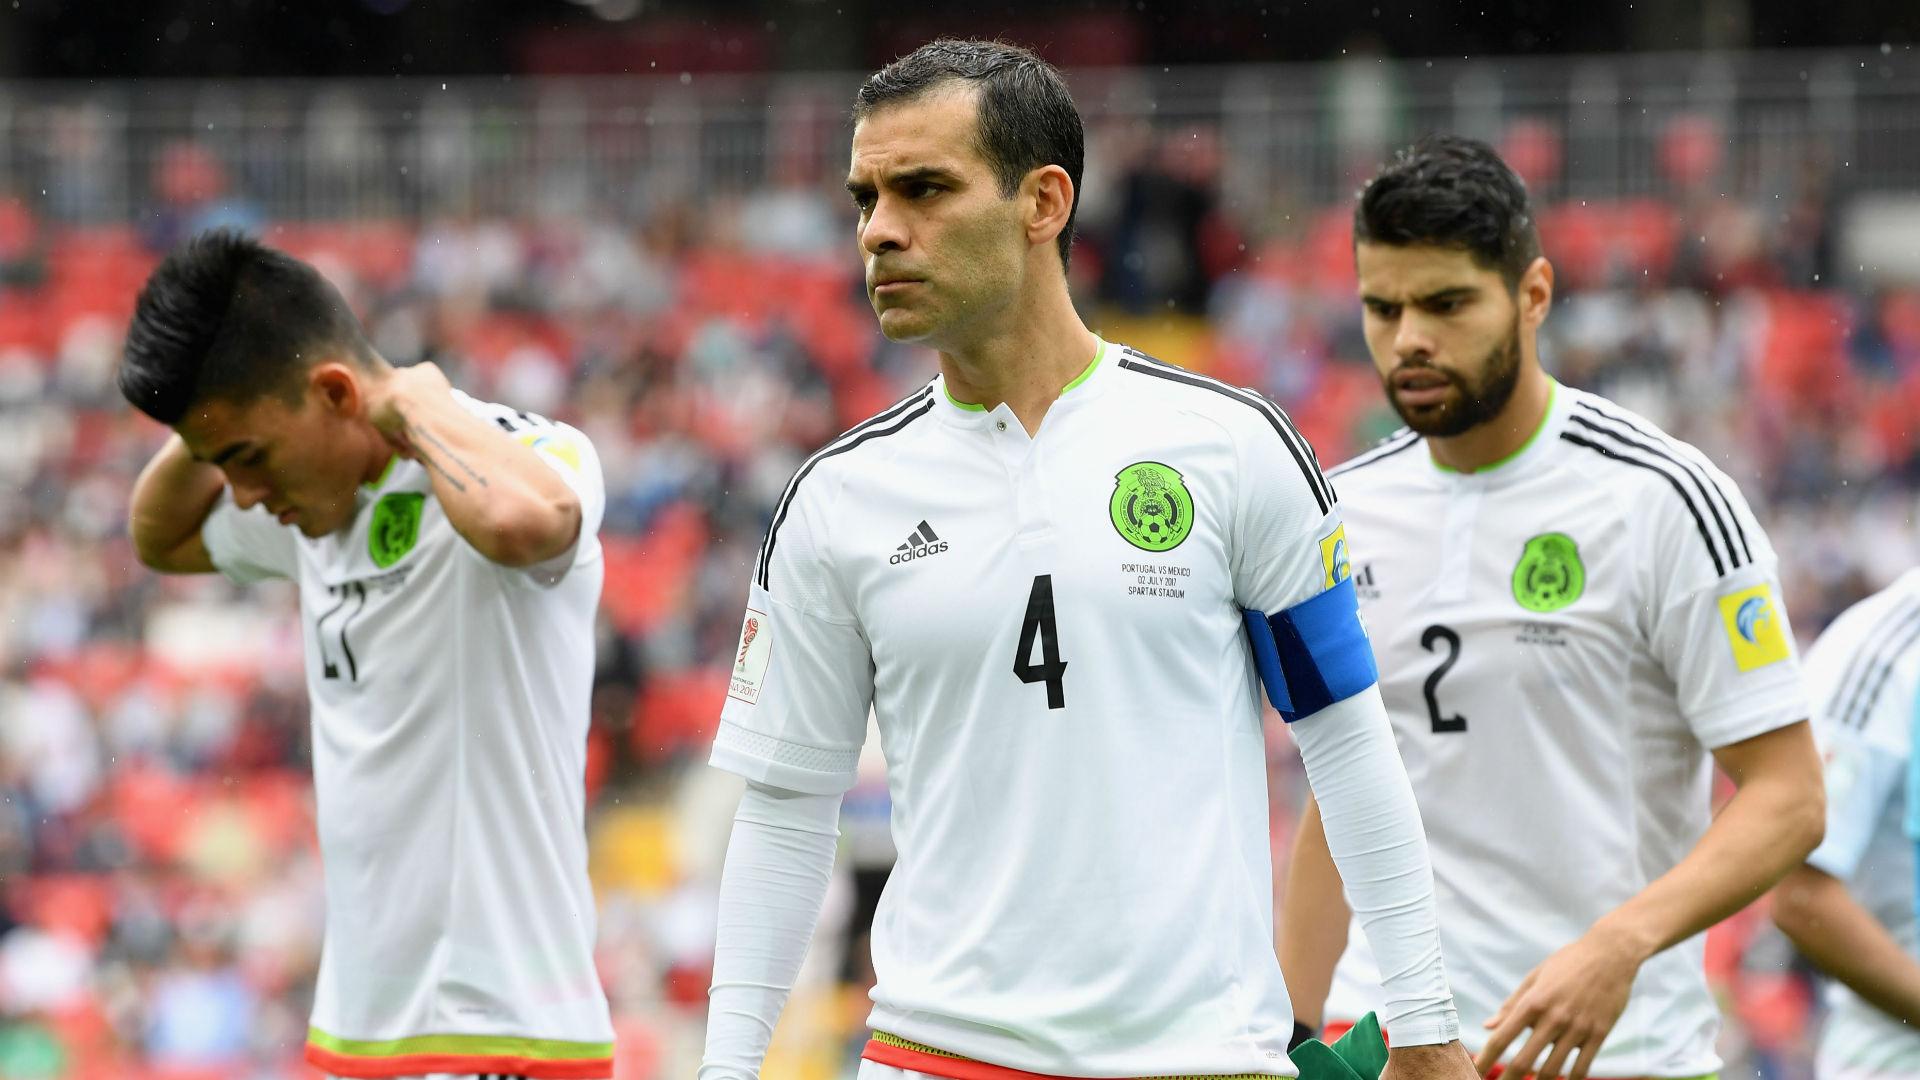 Federación Mexicana anuncia que colaborará en caso de Rafael Márquez — Fútbol